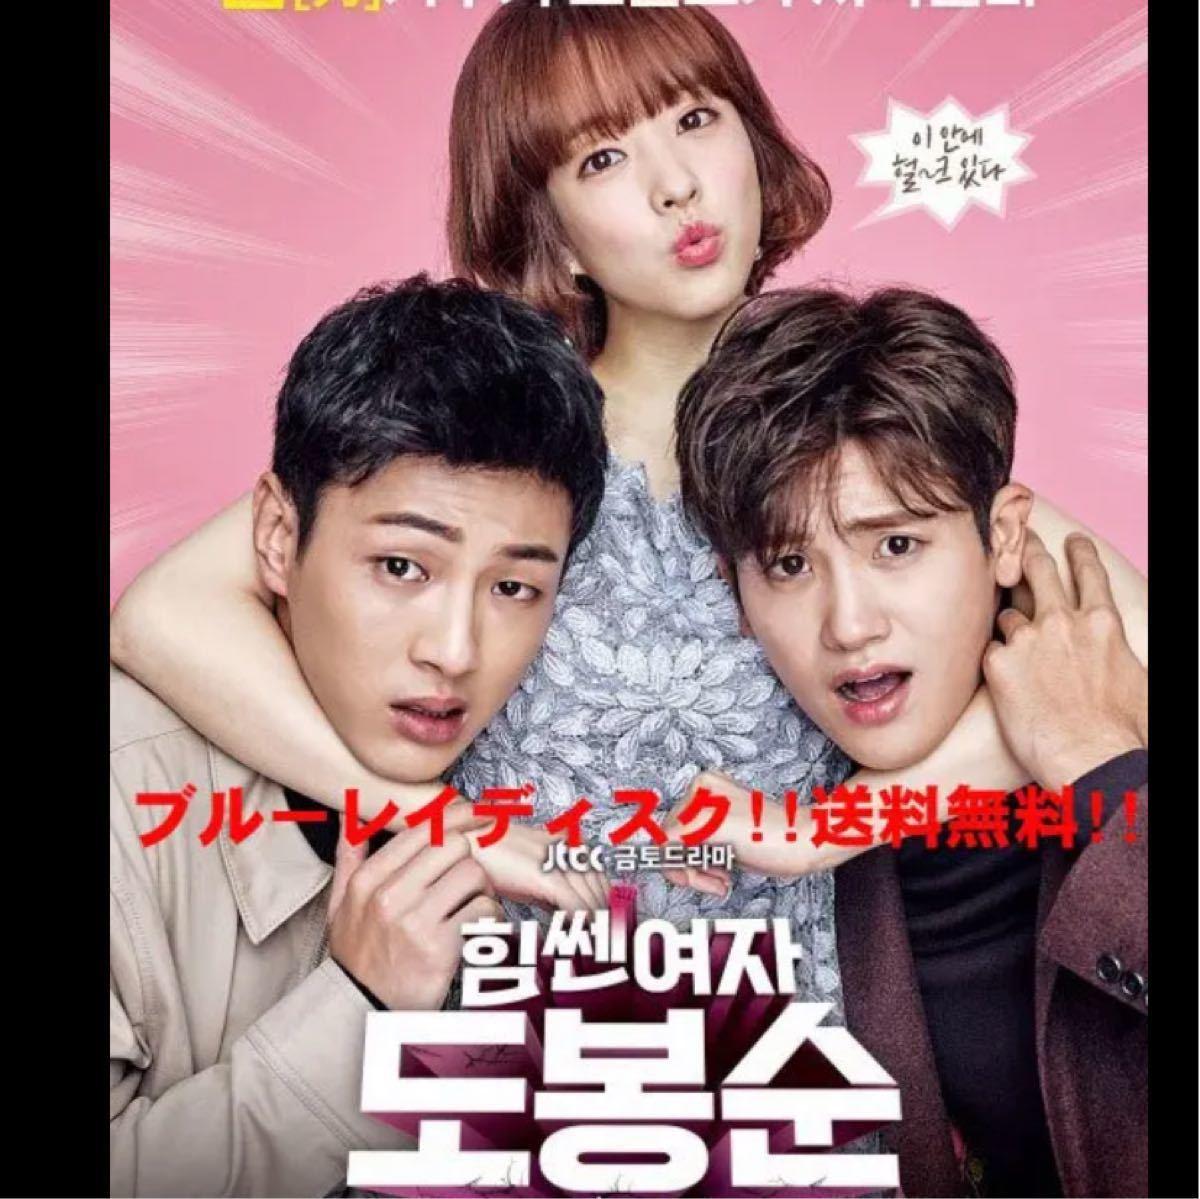 ◆ G.Wセール◆ ☆韓国ドラマ☆『力の強い女ト・ボンスン』Blu-ray  全話!!